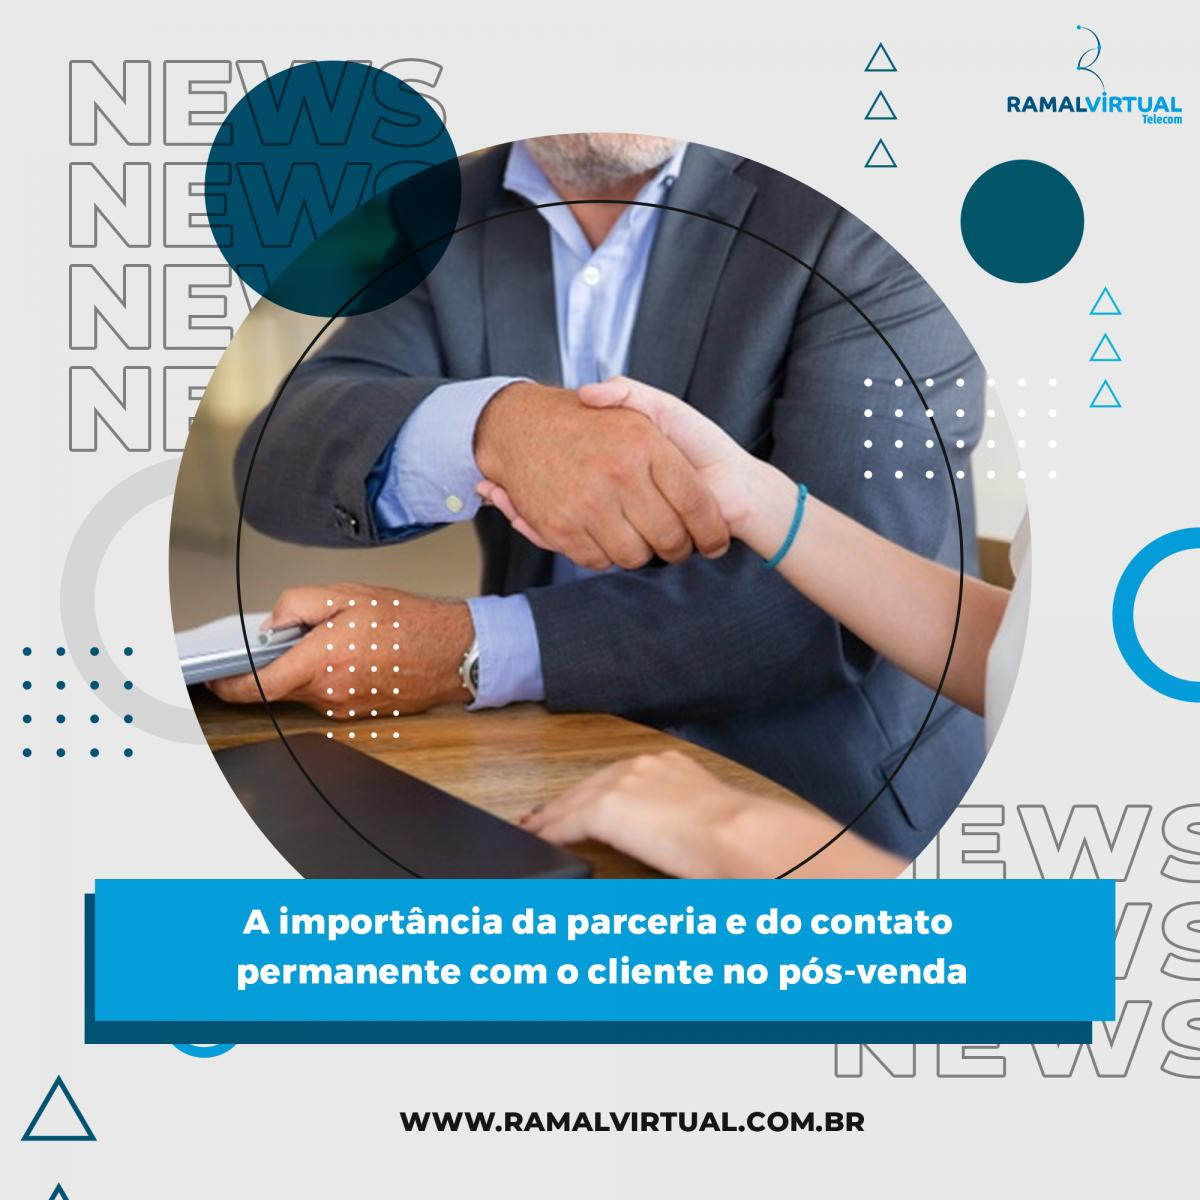 [A importância da parceria e do contato permanente com o cliente no pós-venda]